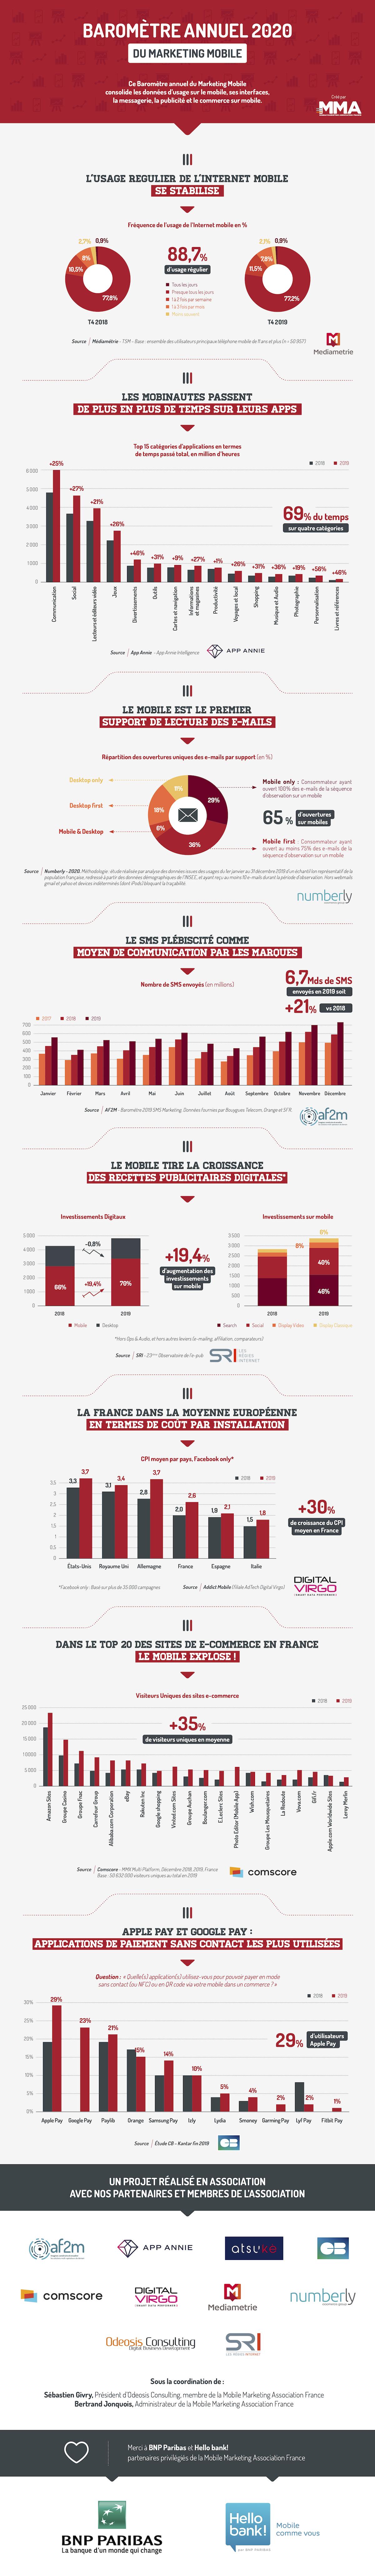 Barometre-Mobile-Marketing-Association-France-2020